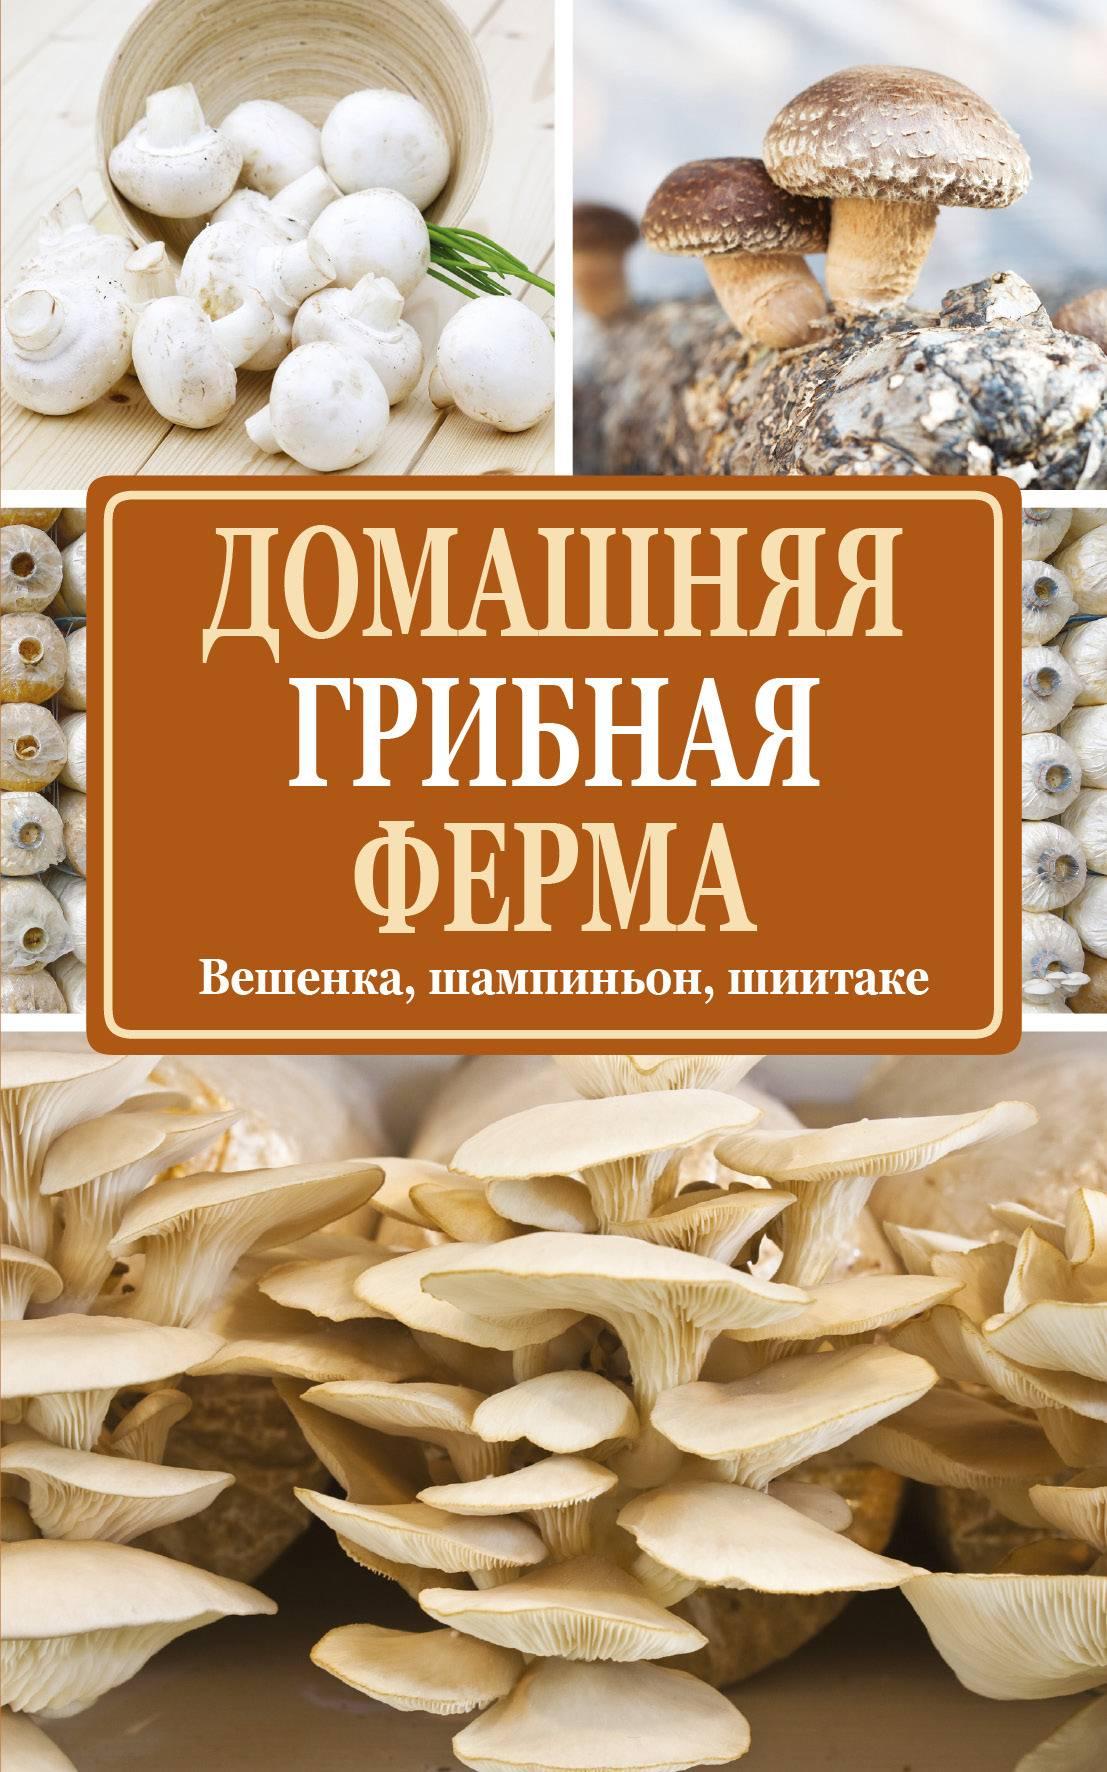 Готовый бизнес-план по выращиванию и продаже грибов — актуальность бизнеса, обзор рынка сбыта, возможные риски и гарантии